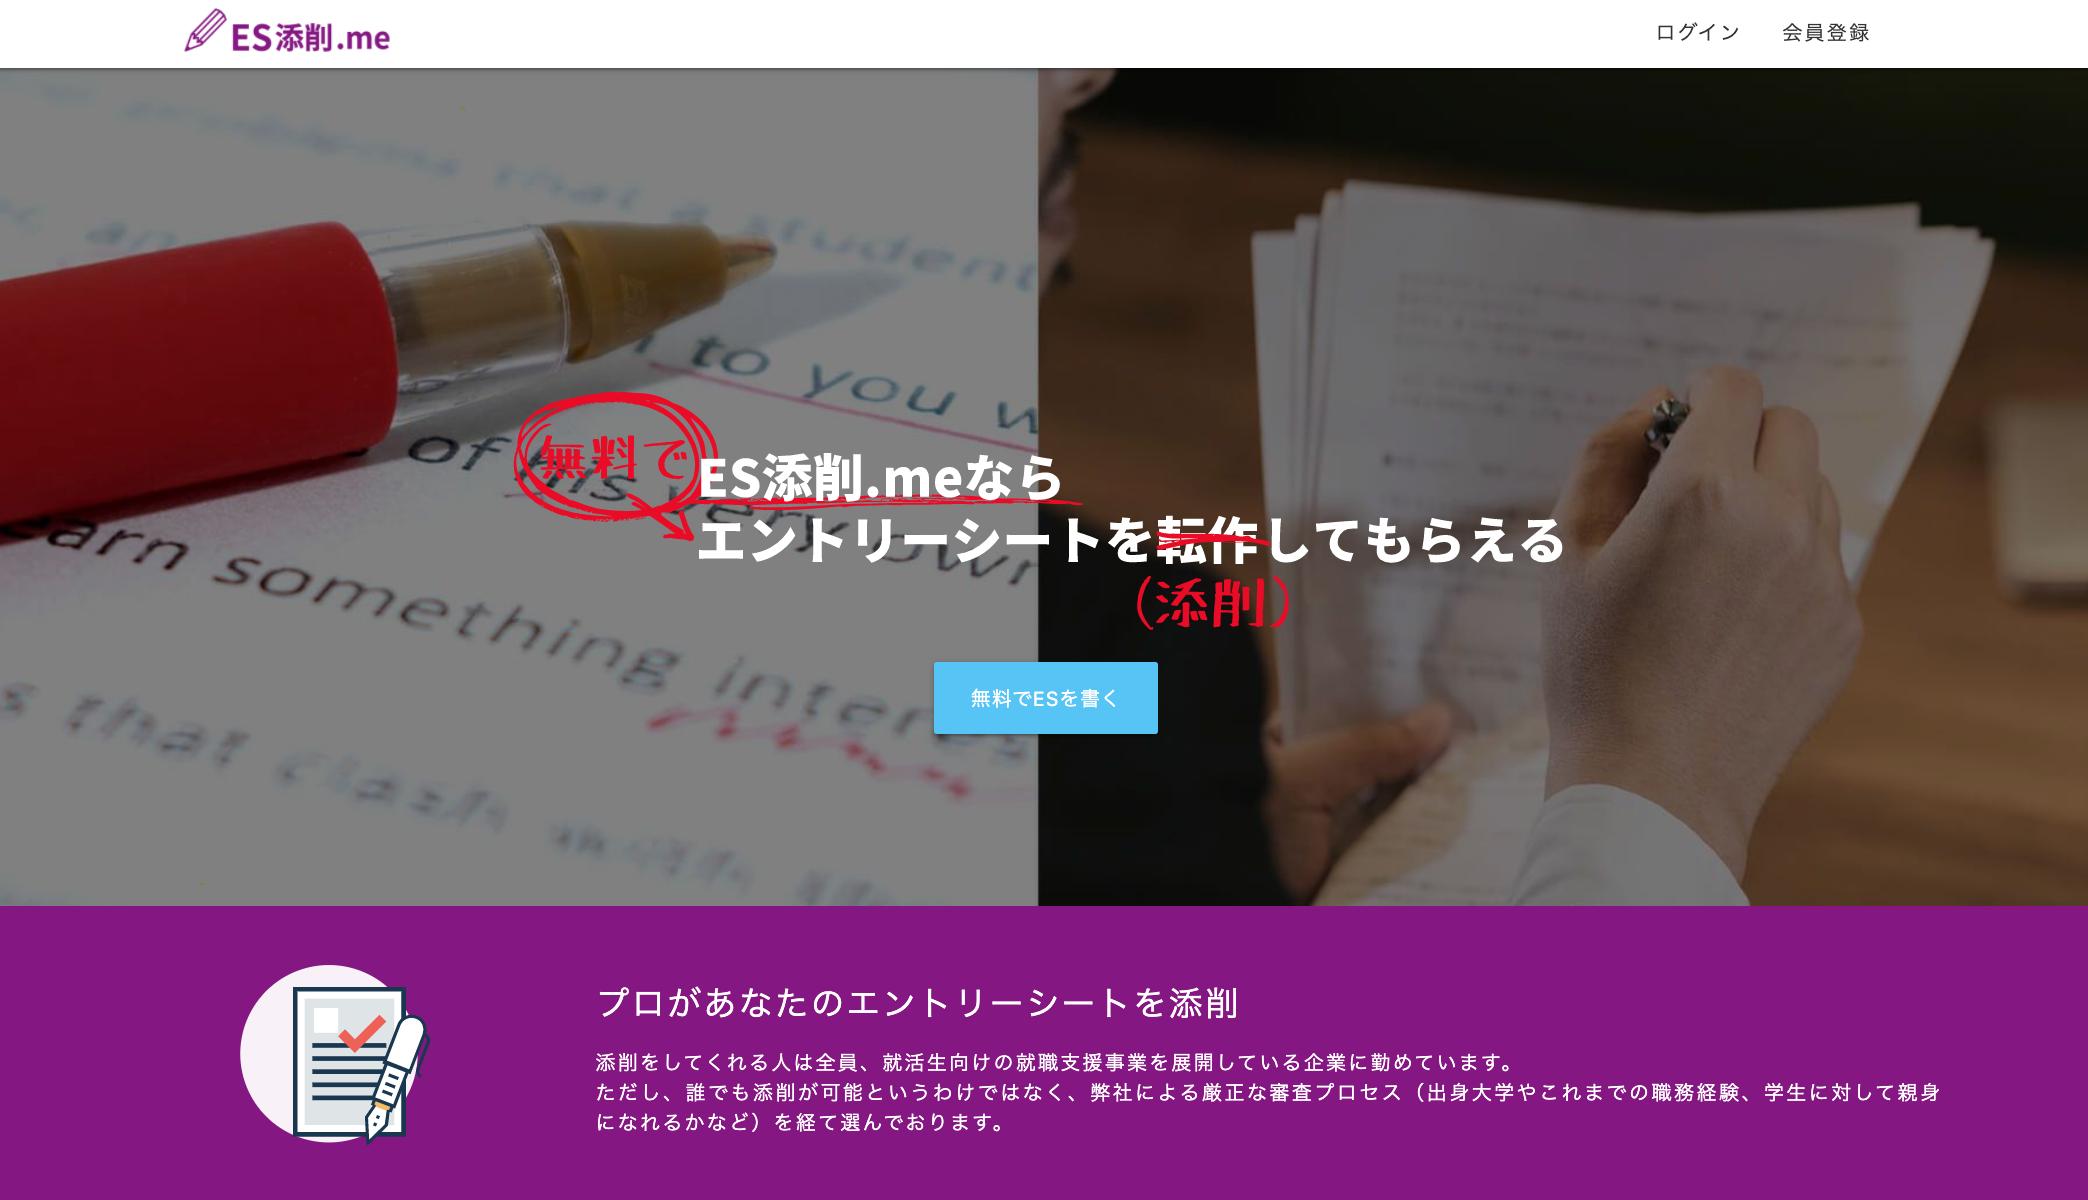 ES添削.meのサービスイメージ画像